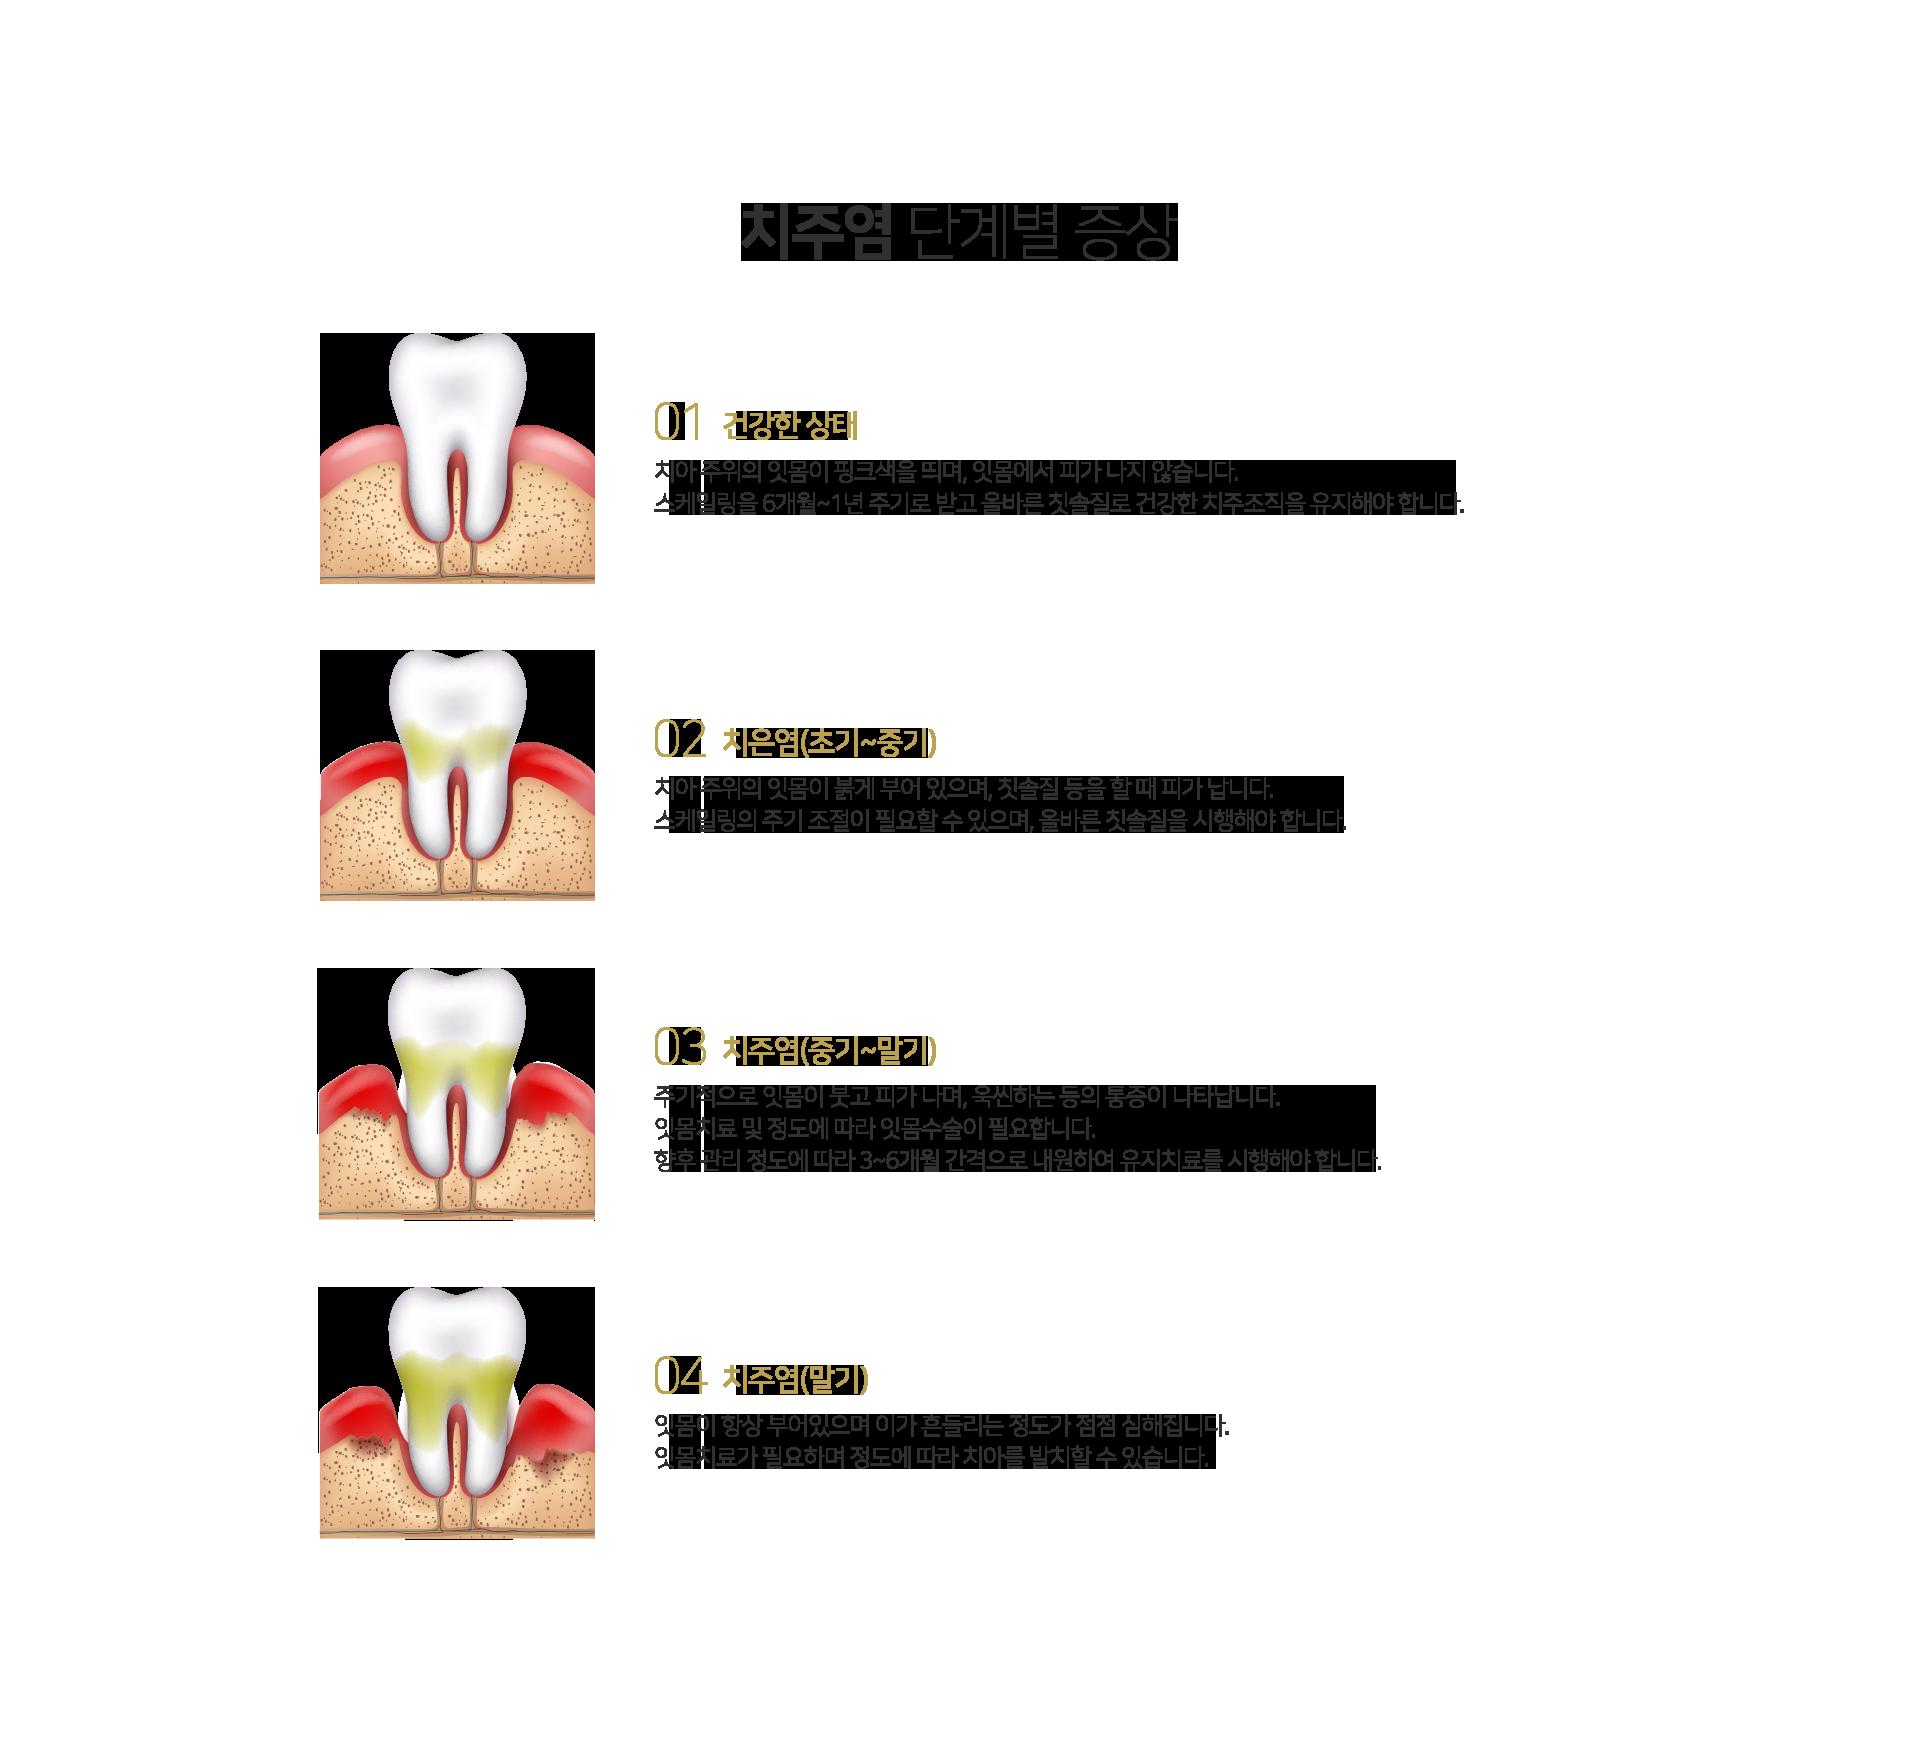 치주염 단계별 증상